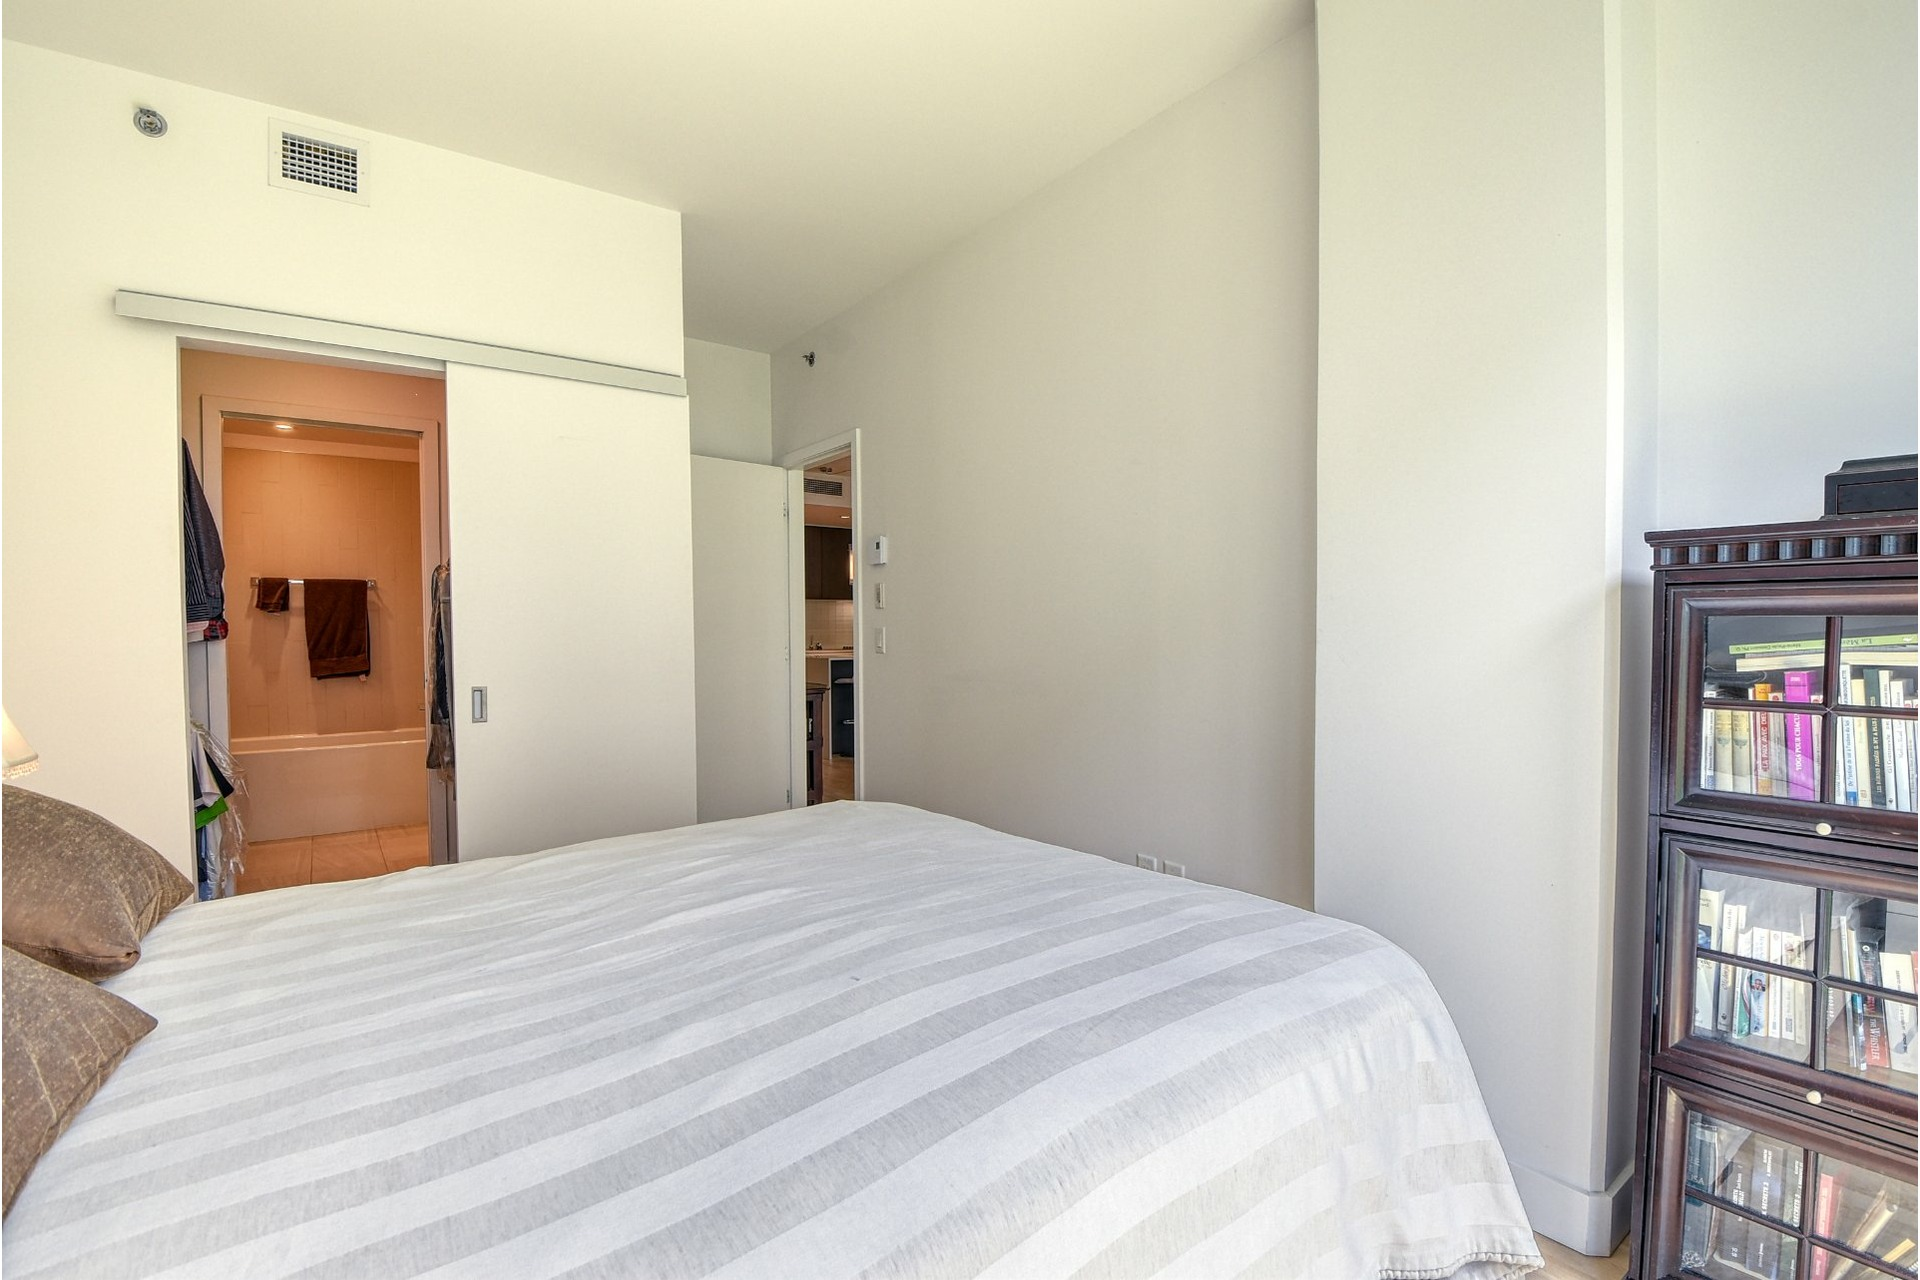 image 12 - Appartement À vendre Villeray/Saint-Michel/Parc-Extension Montréal  - 5 pièces